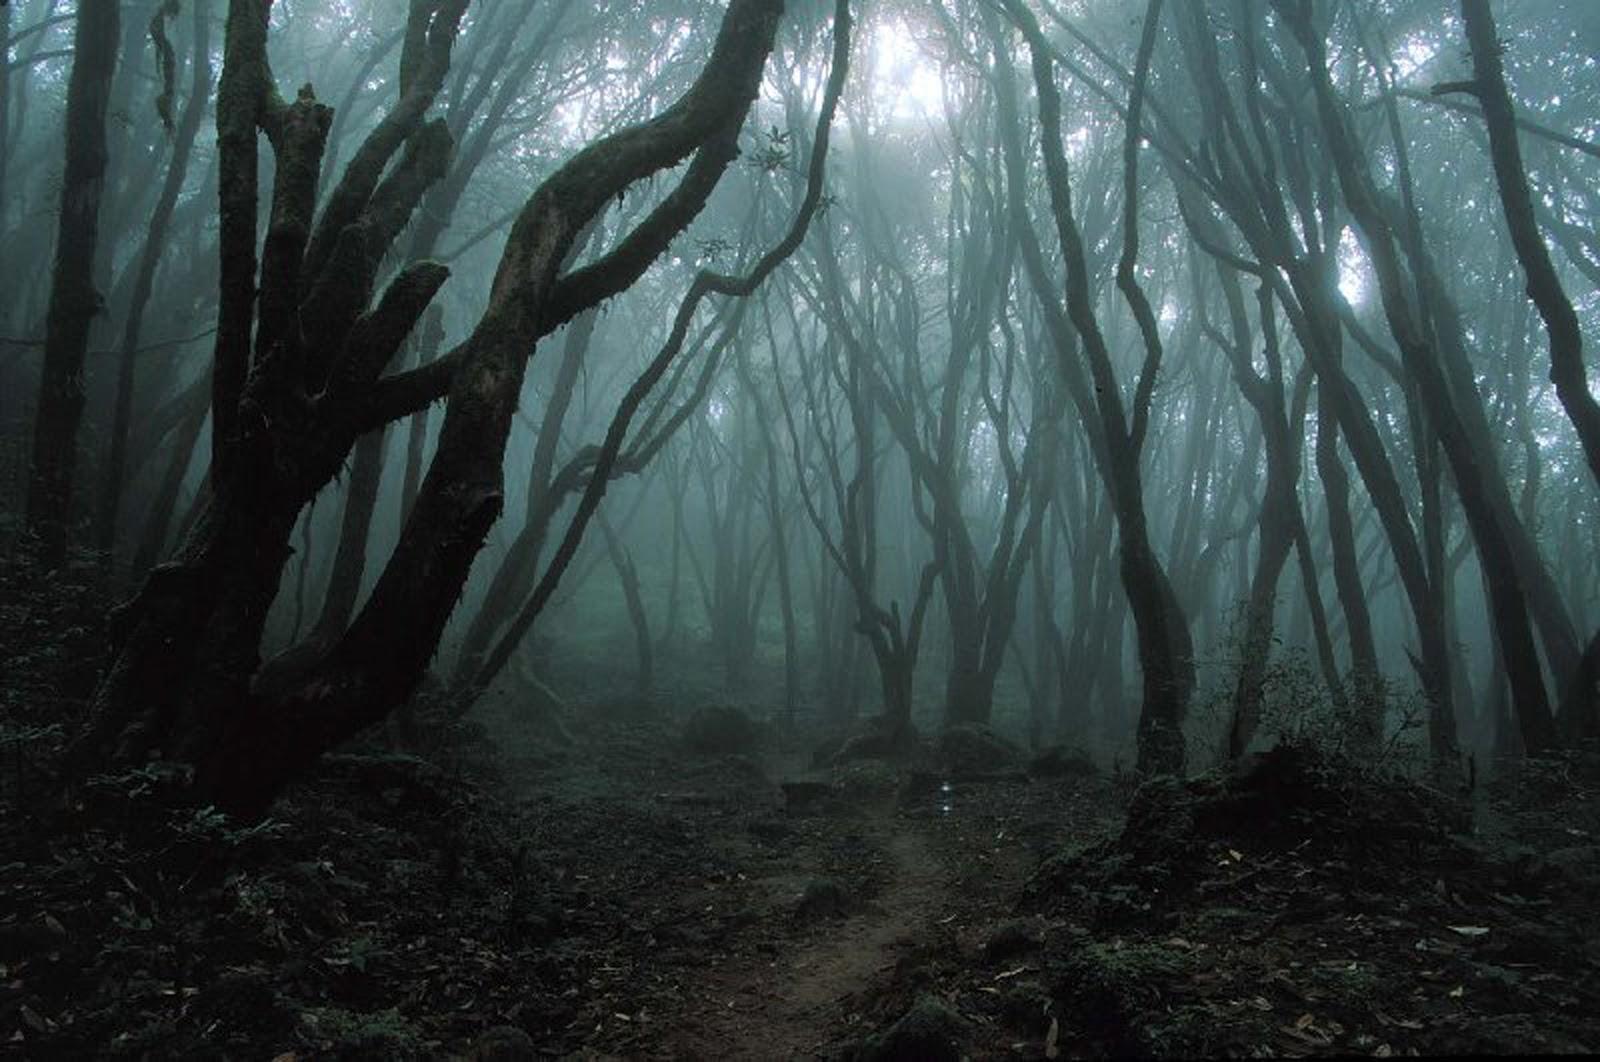 Khu rừng ám ảnh với những vụ tự sát ở Nhật Bản - 4